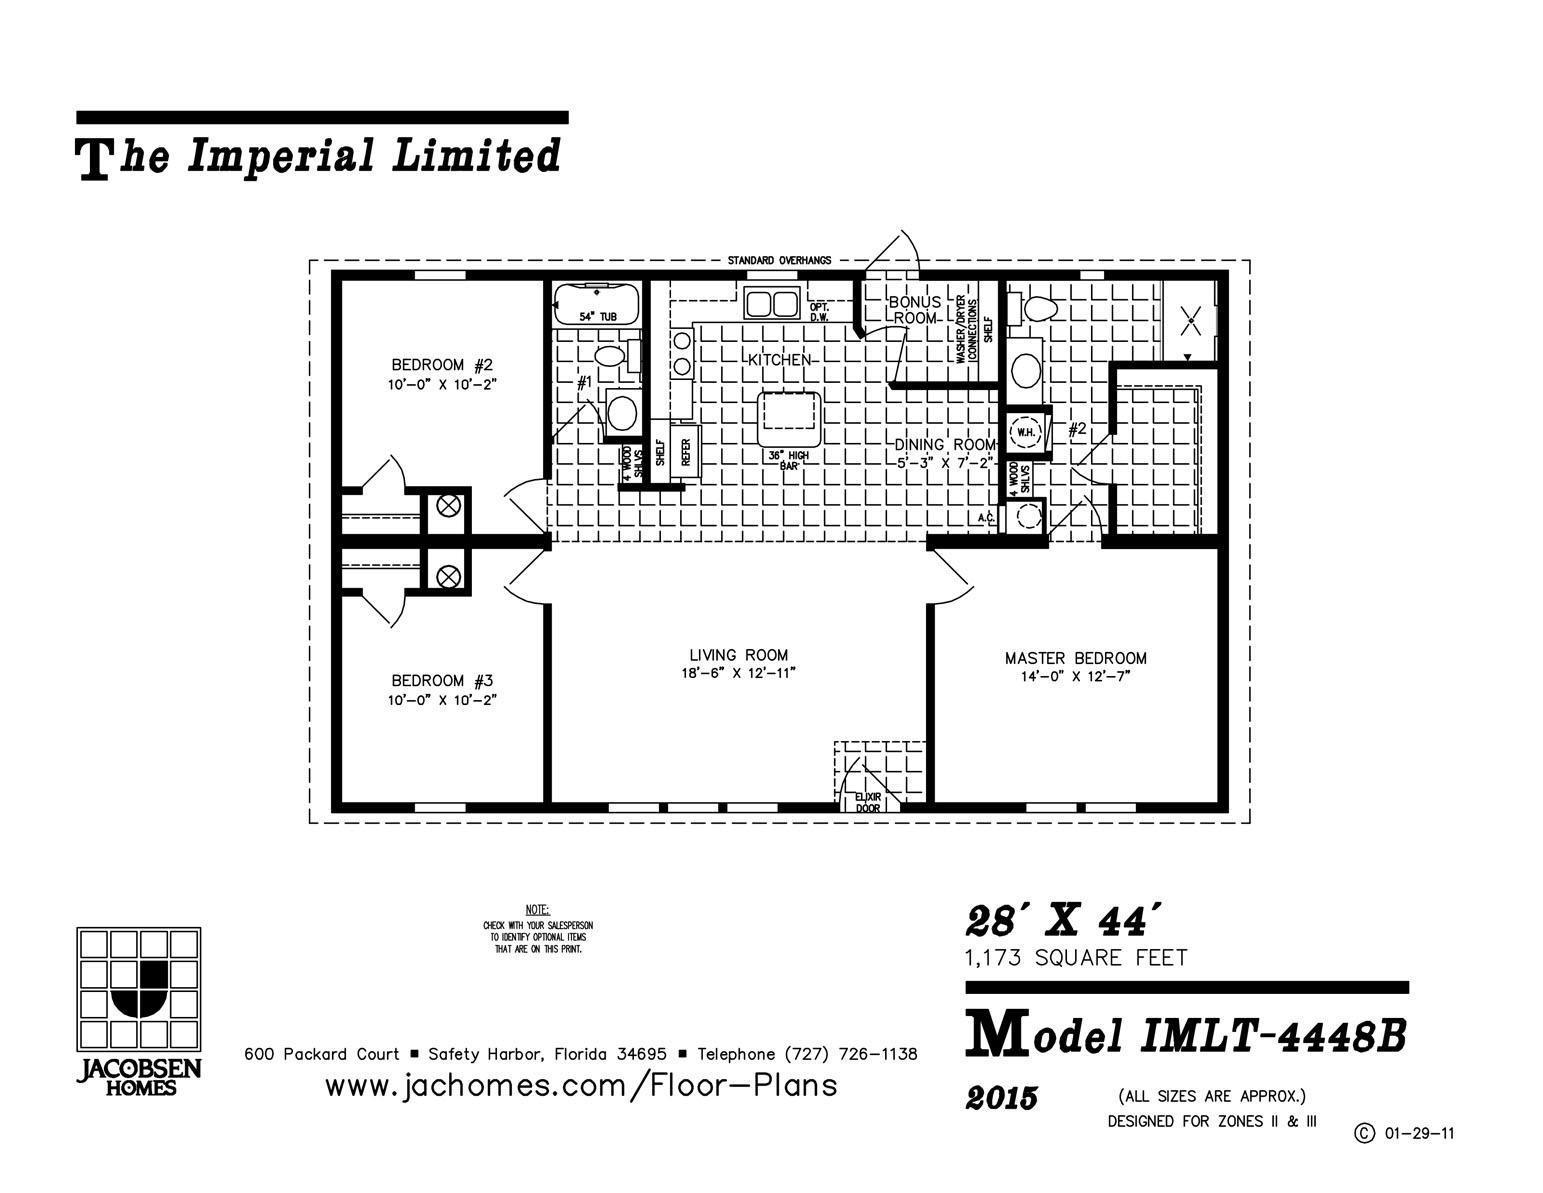 Imlt 4448b mobile home floor plan ocala custom homes for Custom home floor plans free